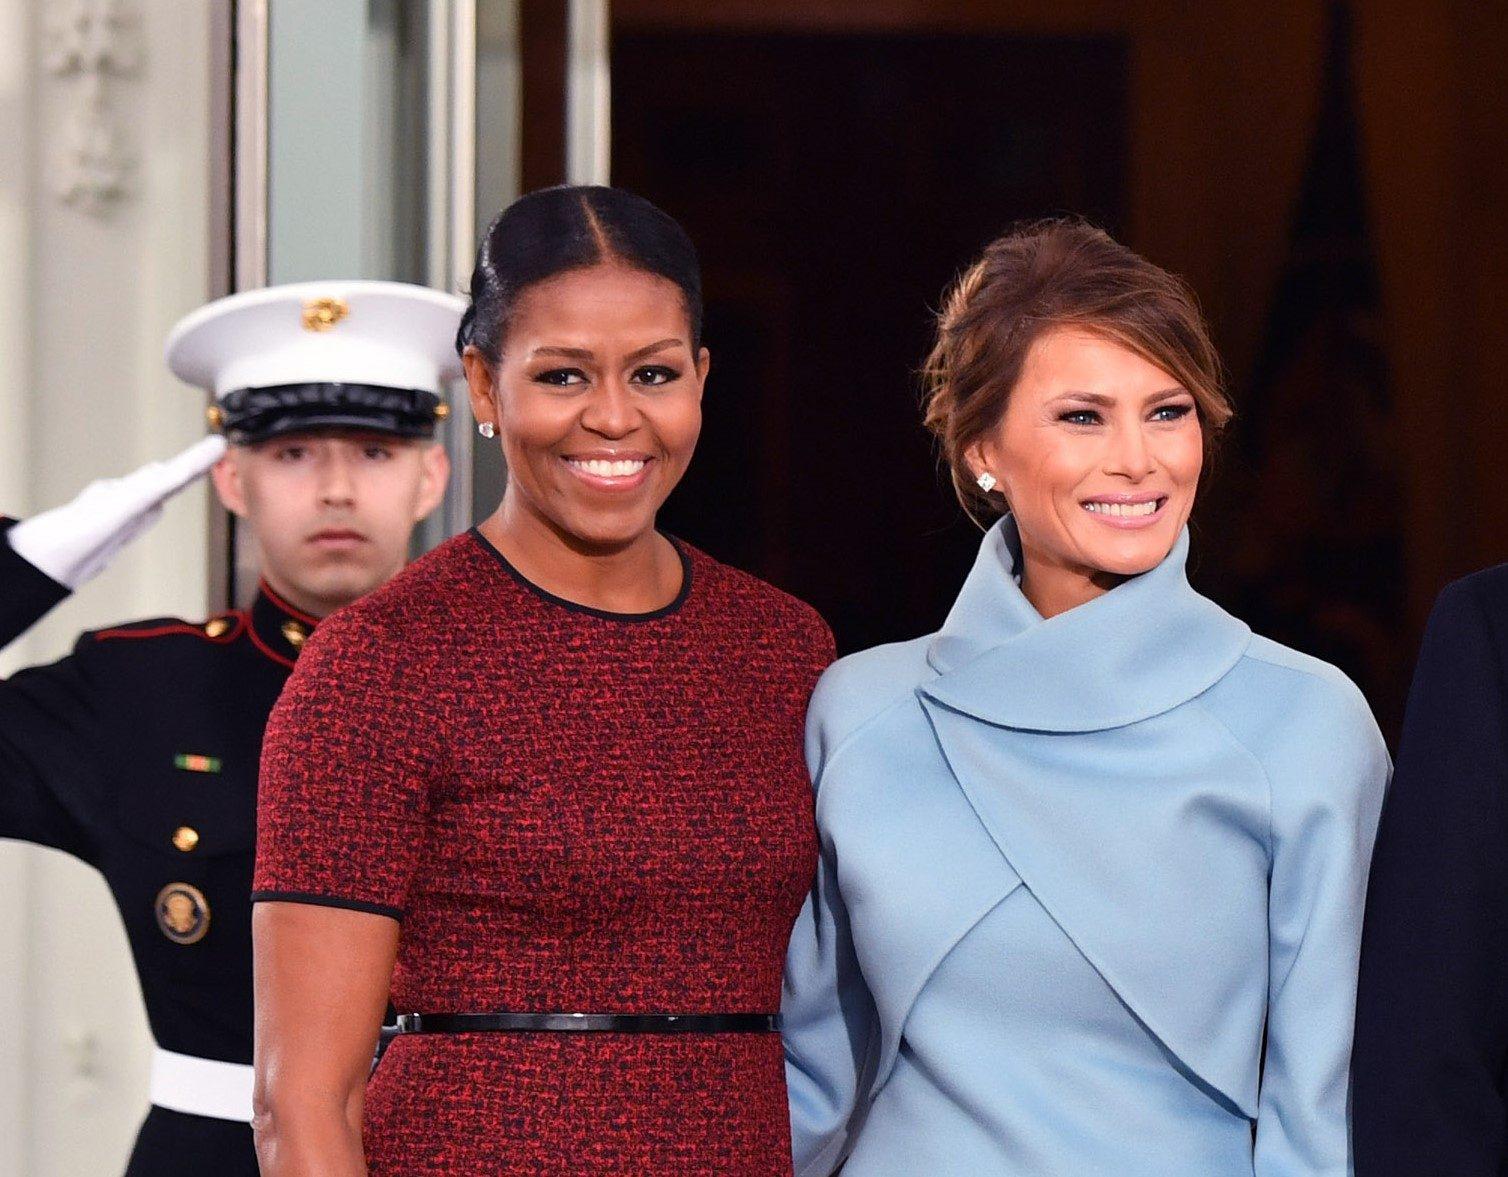 Melania Trump and Michelle Obama